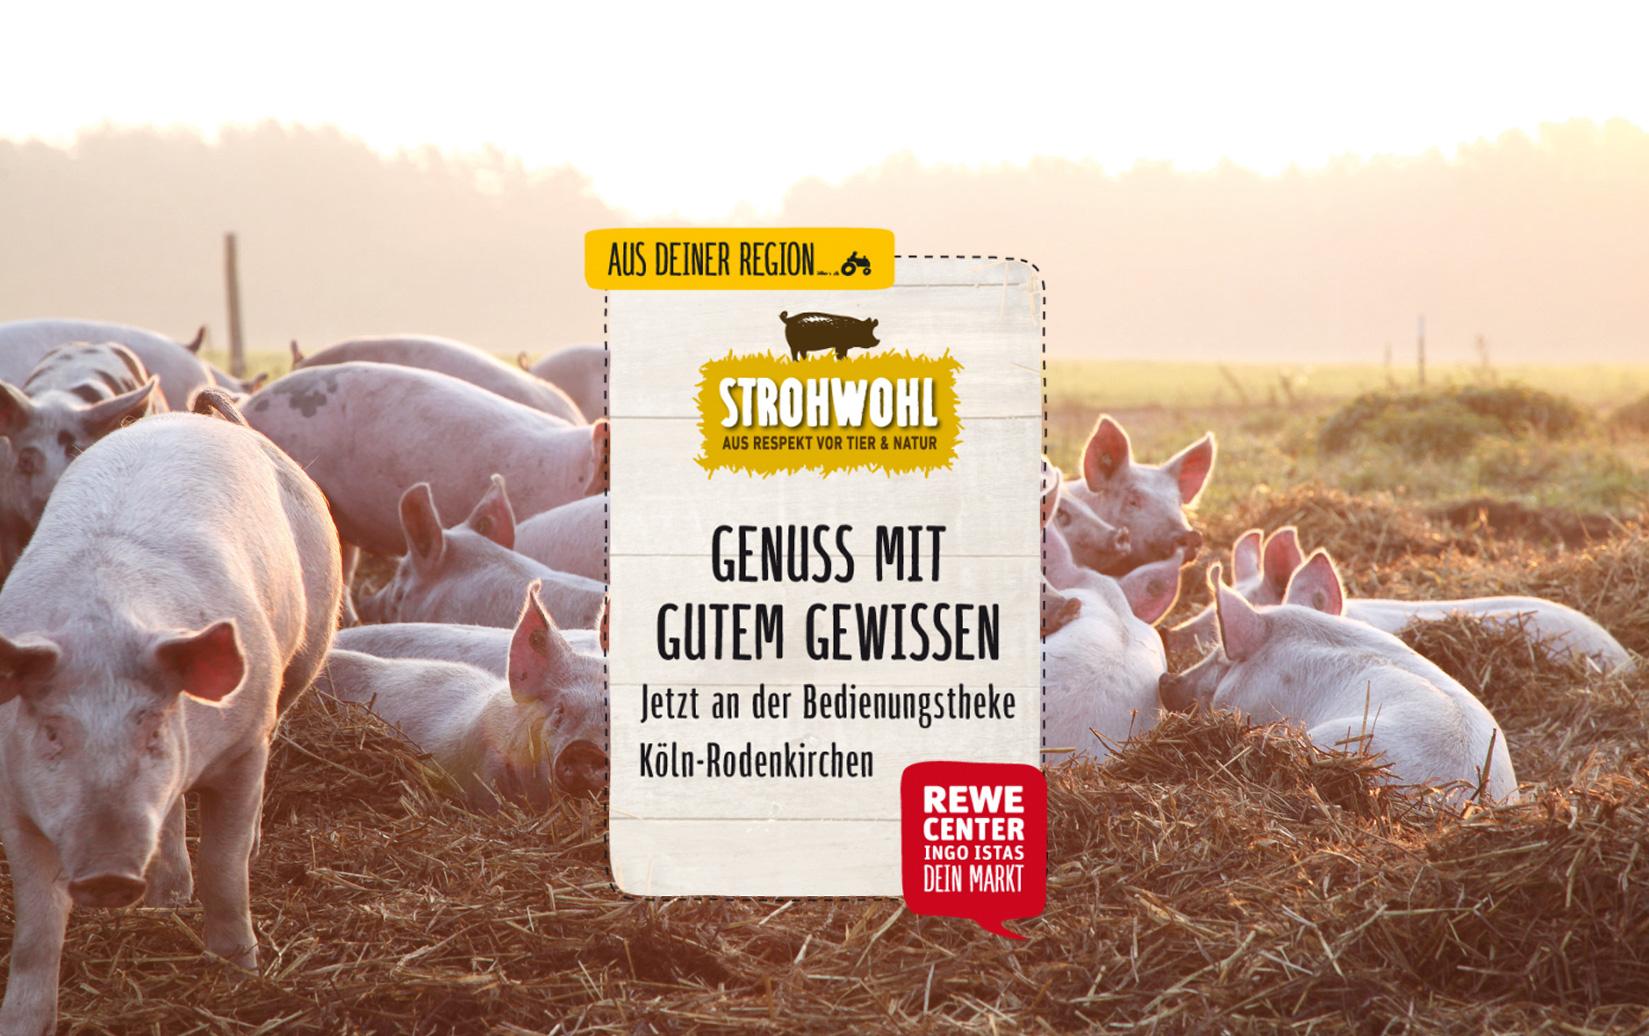 Strohwohl bei REWE Istas in Köln-Rodenkirchen